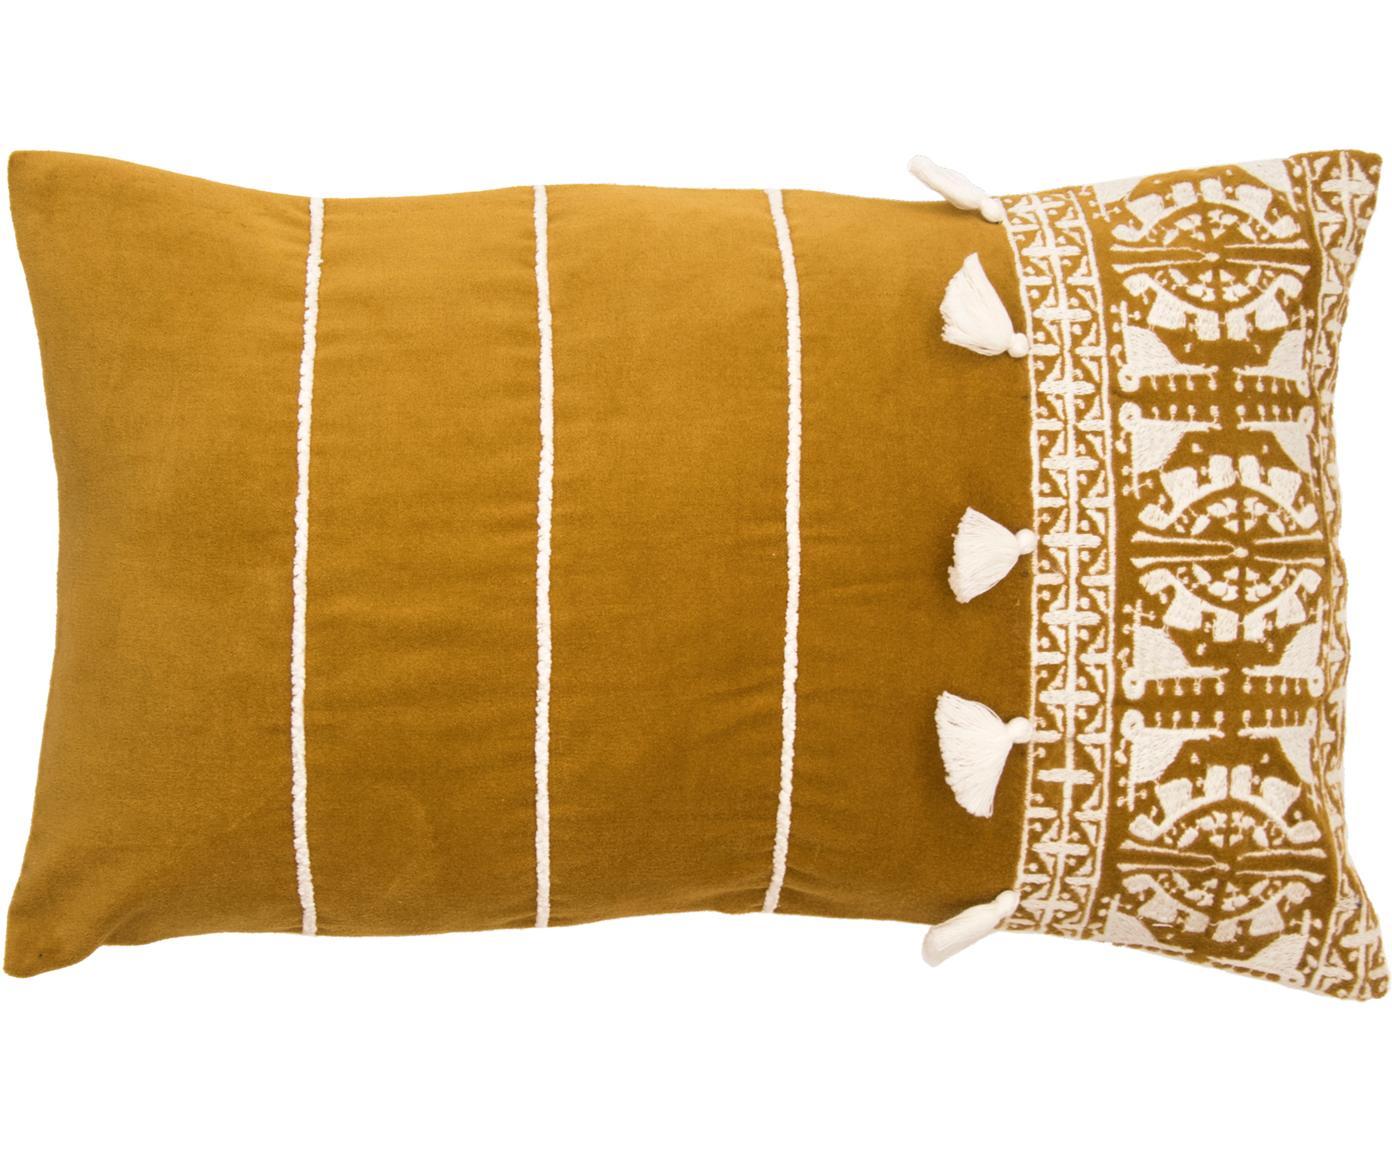 Kissenhülle Neo Berbére mit Stickerei und Quasten, 50% Baumwolle, 50% Polyester, Gelb, Weiss, 30 x 50 cm